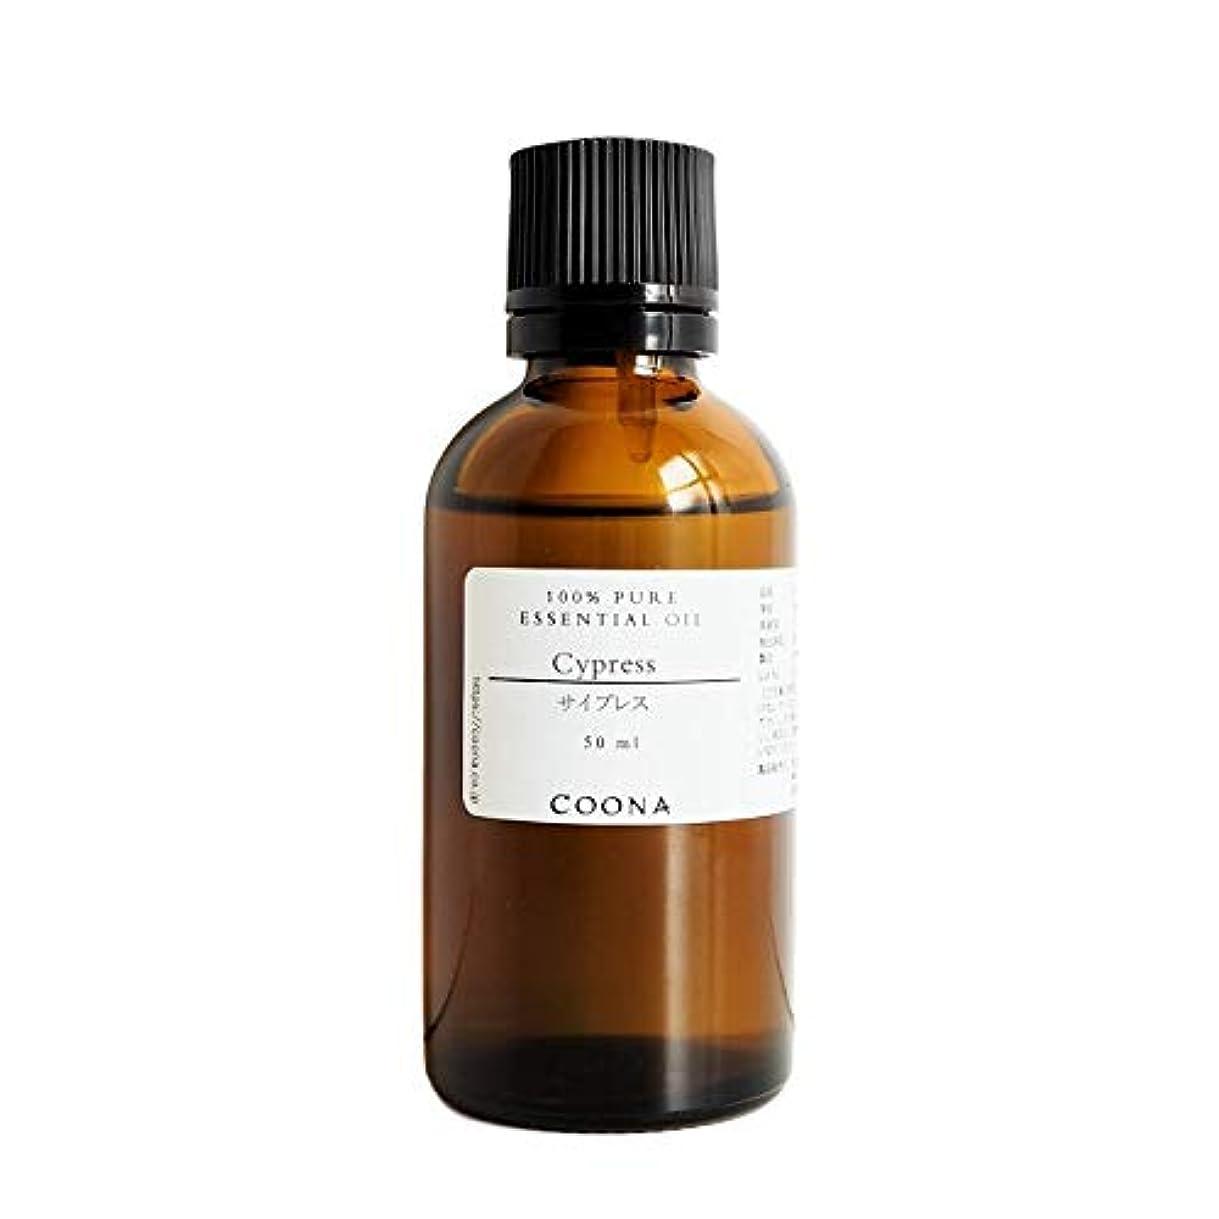 マスタード大工バッグサイプレス 50 ml (COONA エッセンシャルオイル アロマオイル 100%天然植物精油)